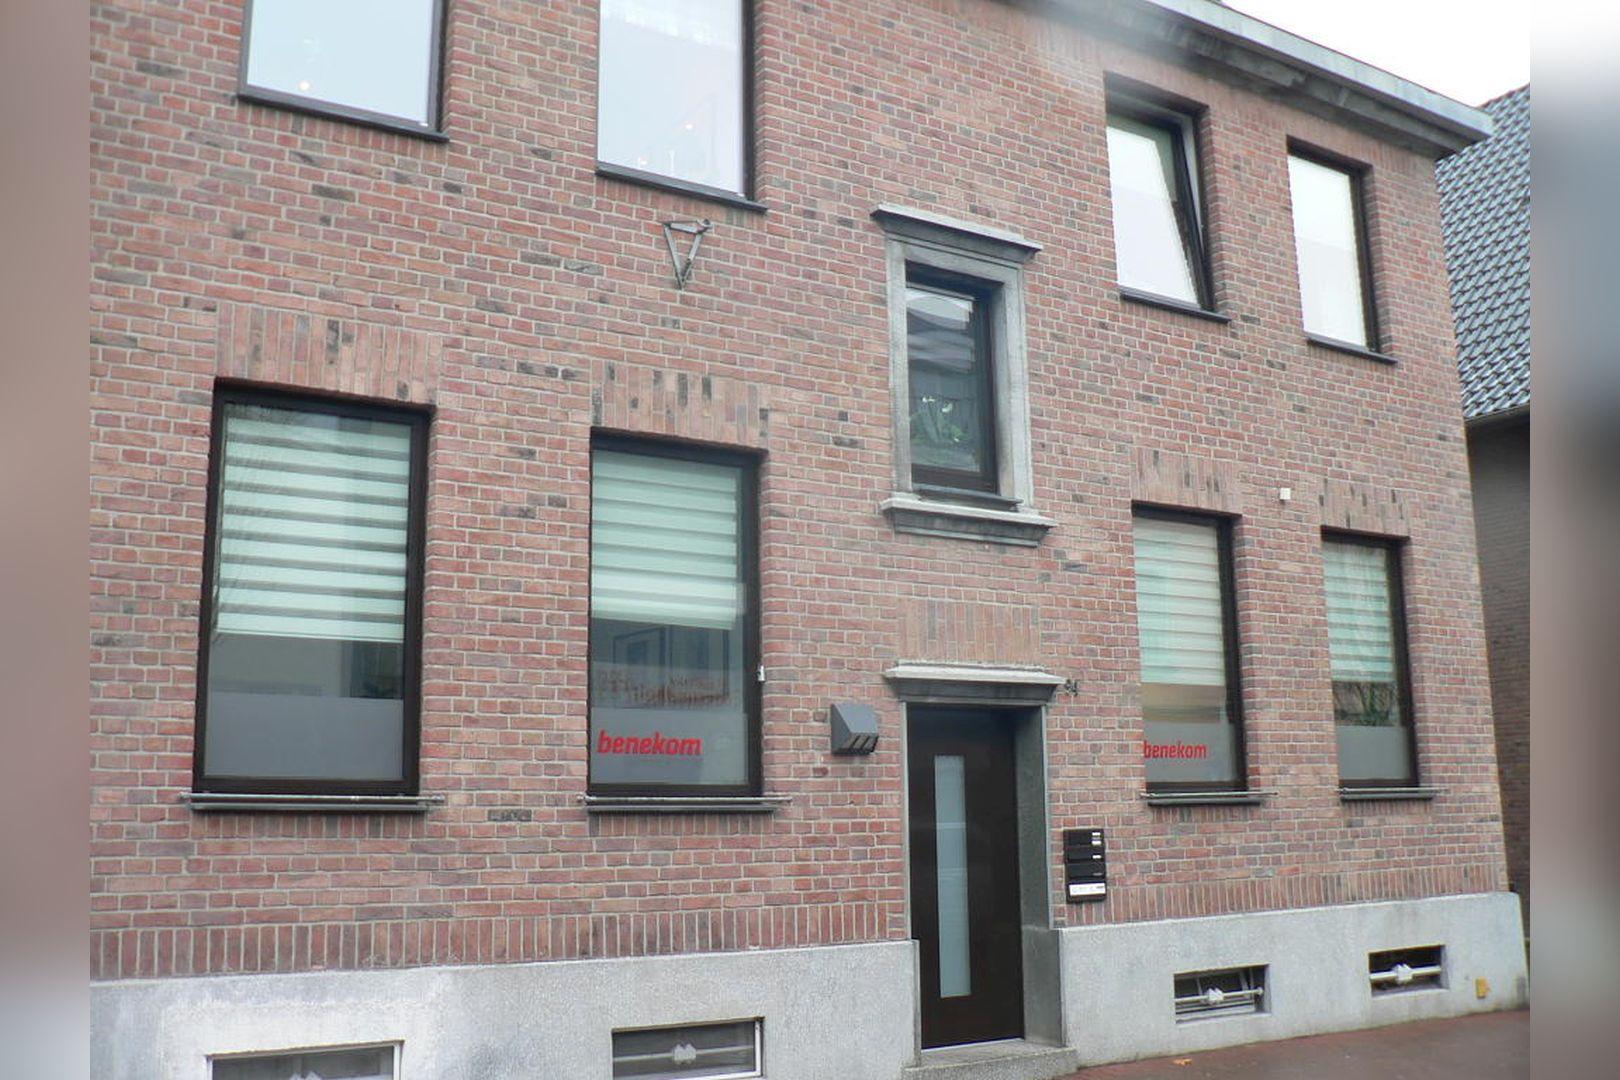 Immobilie Nr.0251 - Maisonette-Wohnung mit Galerie und großer Dachterrasse  - Bild 16.jpg